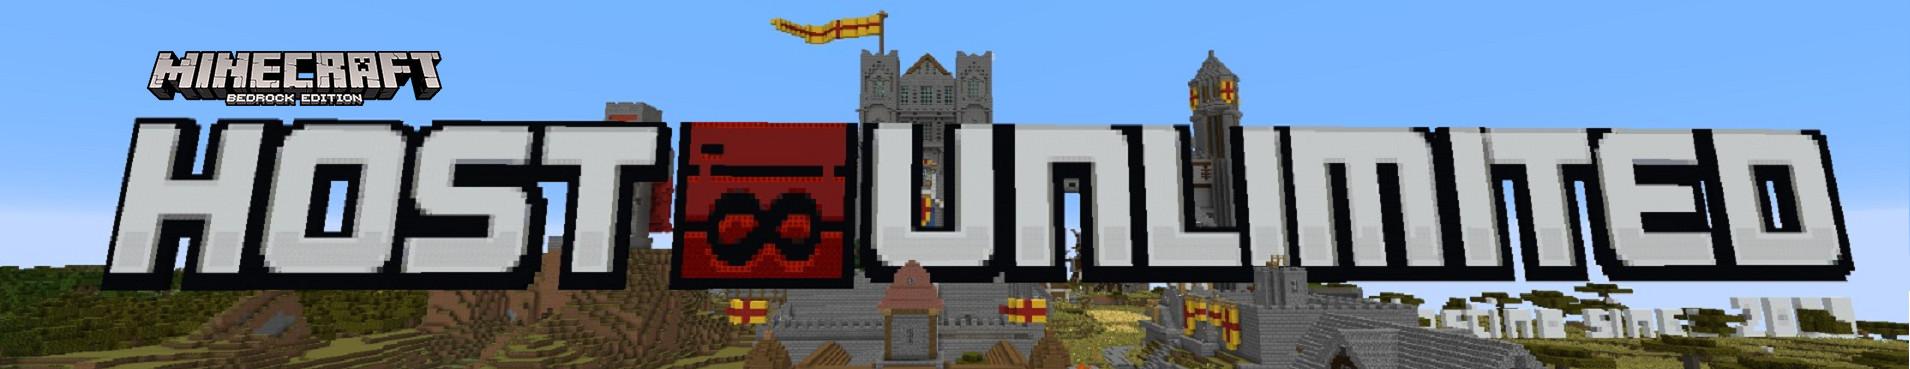 Minecraft Bedrock  / Pocked-Edition Wallpaper